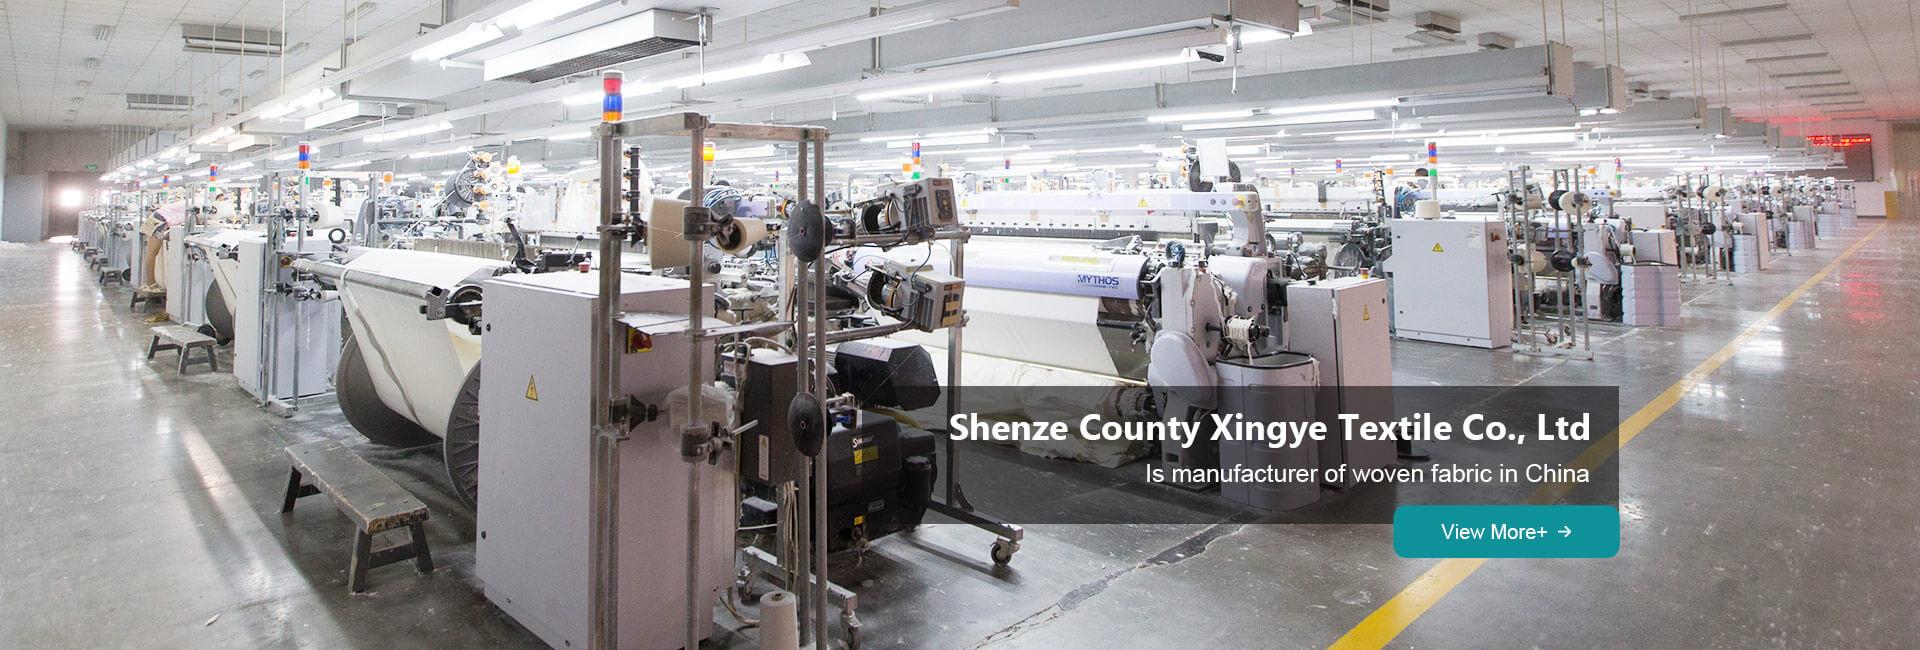 Xingye Textile